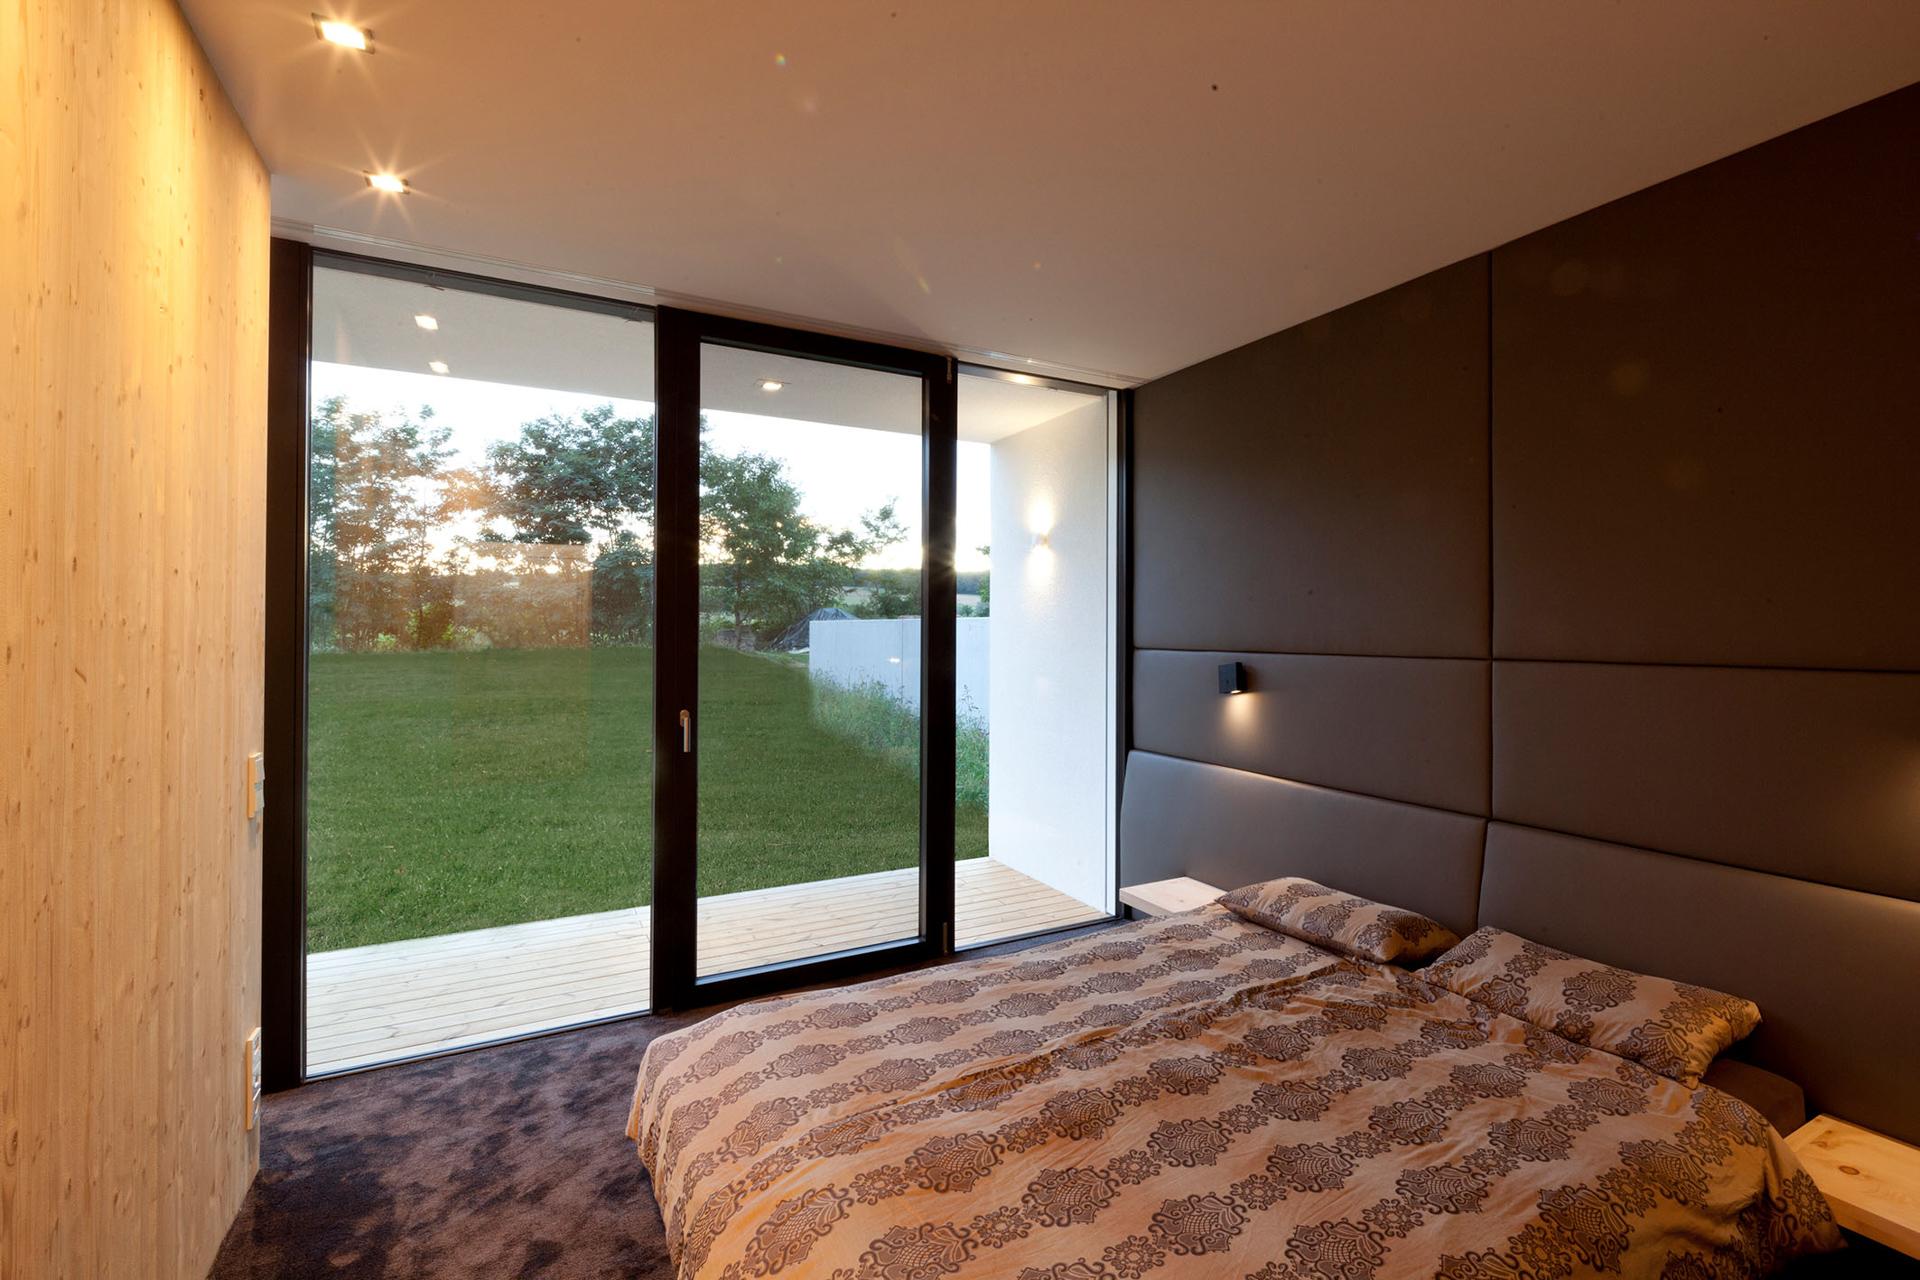 Innenansicht des Schlafzimmers mit Ausblick in einem Bungalow der Paschinger Architekten